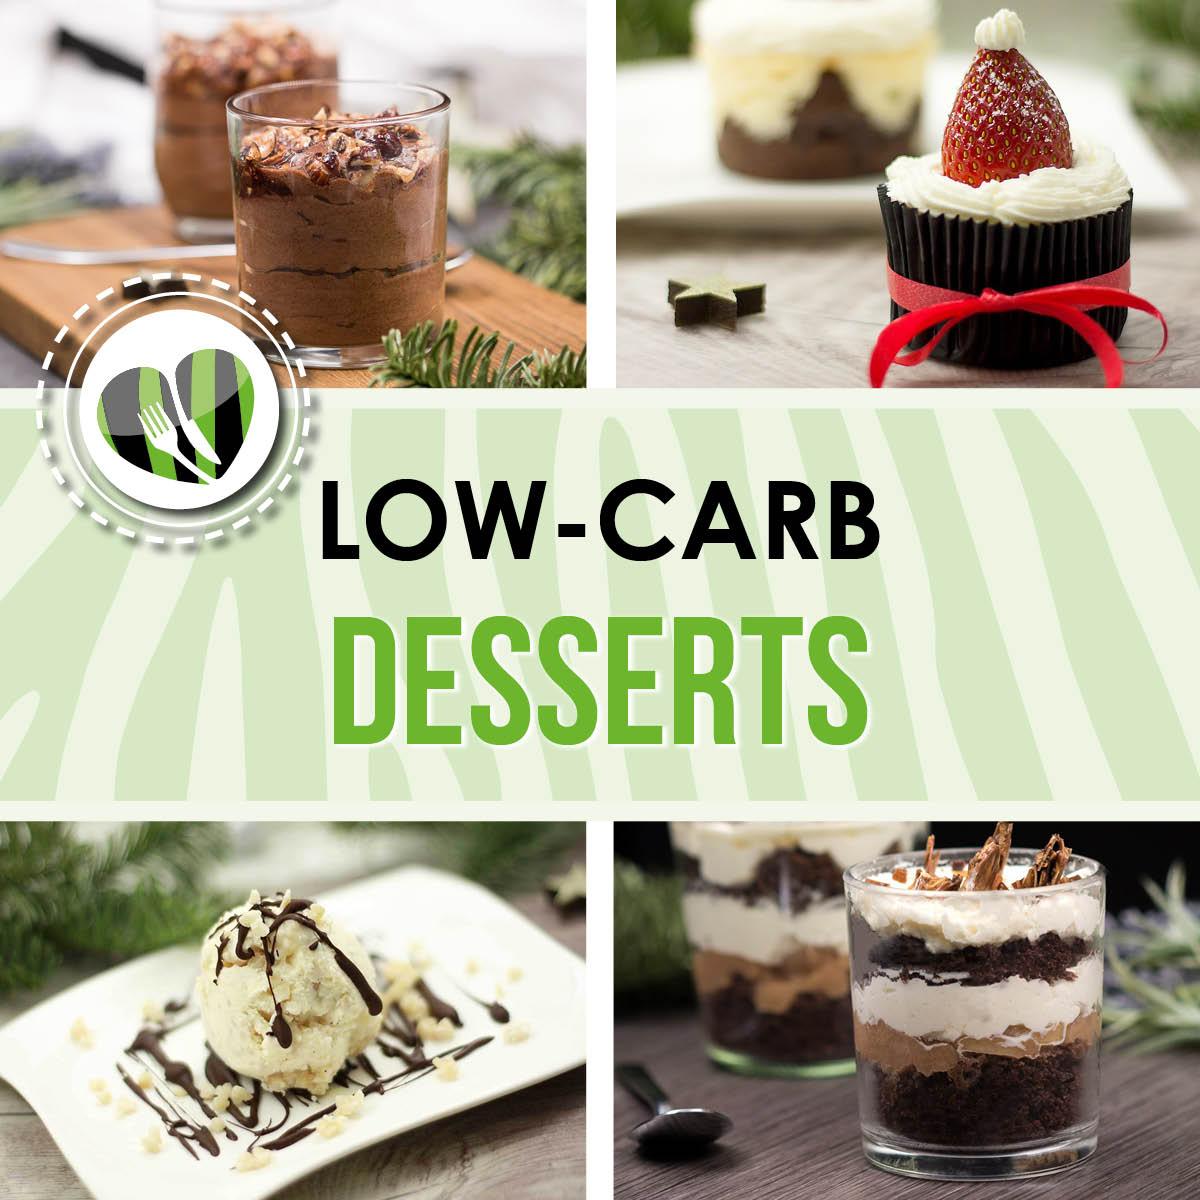 Die Low Carb Desserts sind optimale Nachspeisen für Weihnachten und die Adventszeit. Alle Leckereien sind Low Carb und glutenfrei.